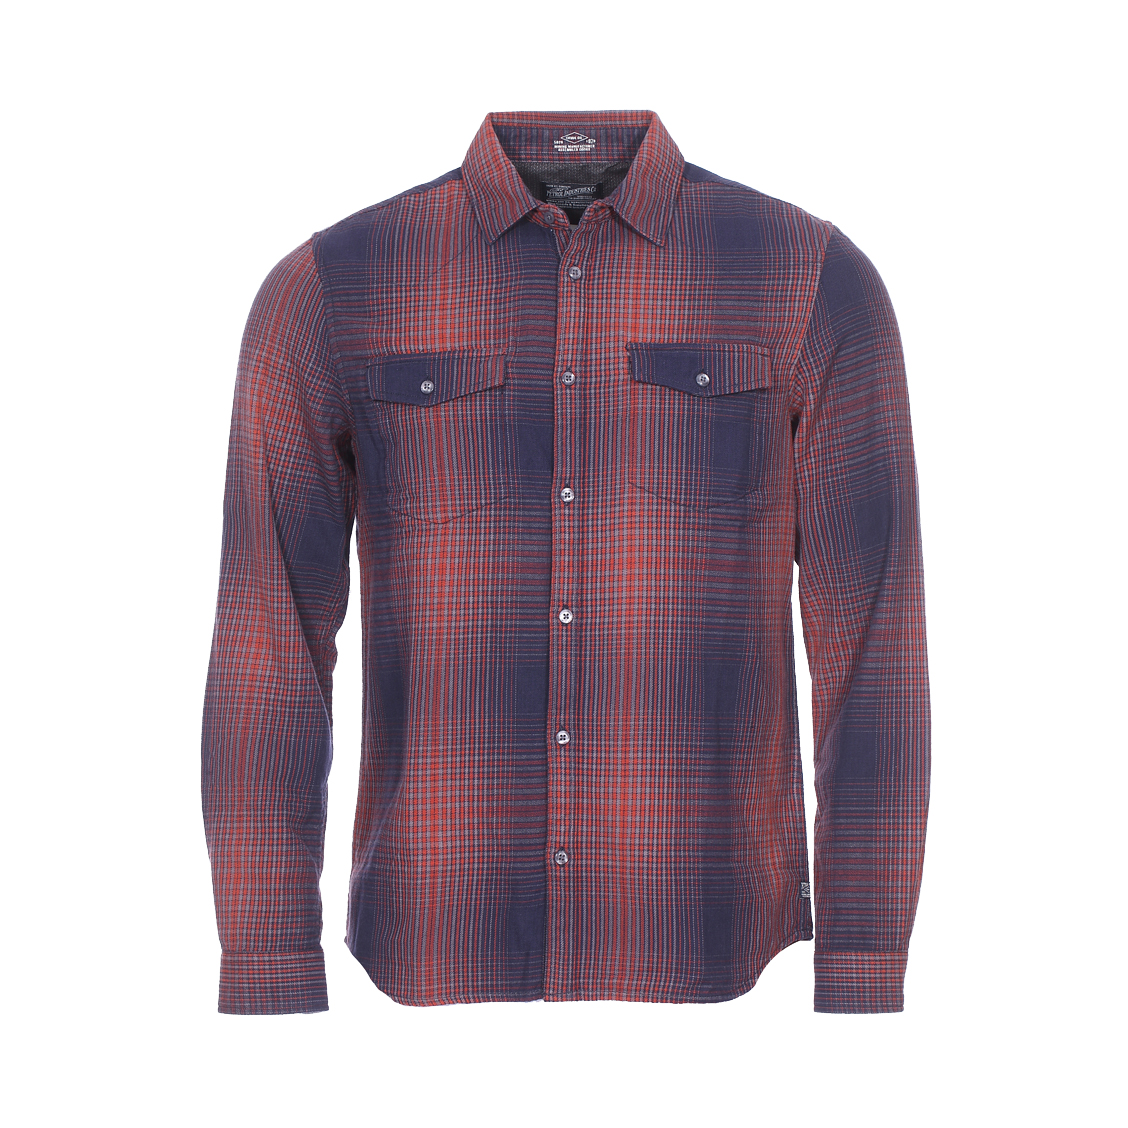 Chemise ajustée  en coton à petits carreaux bleu marine, rouges et gris